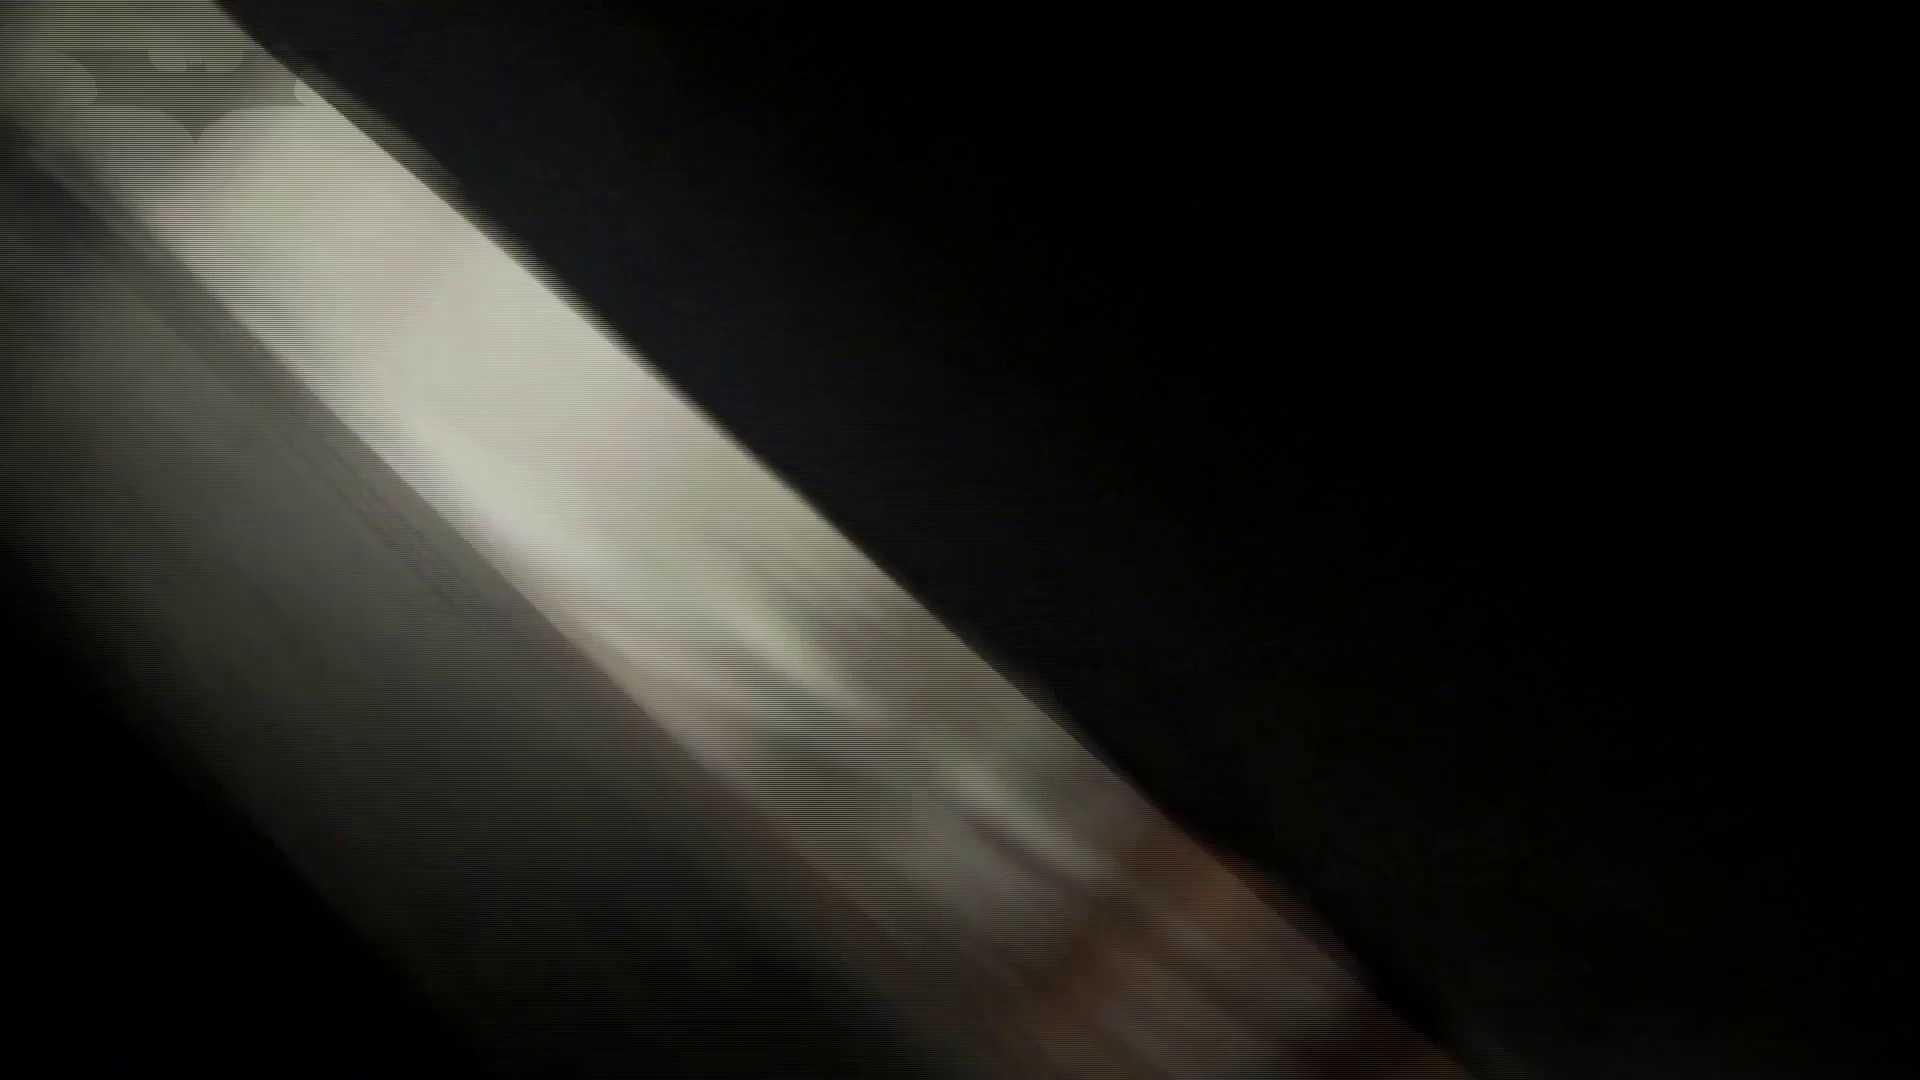 ステーション編 vol52 我慢して個室に入ったら。  :-)!! 洗面所   ギャル  57画像 50